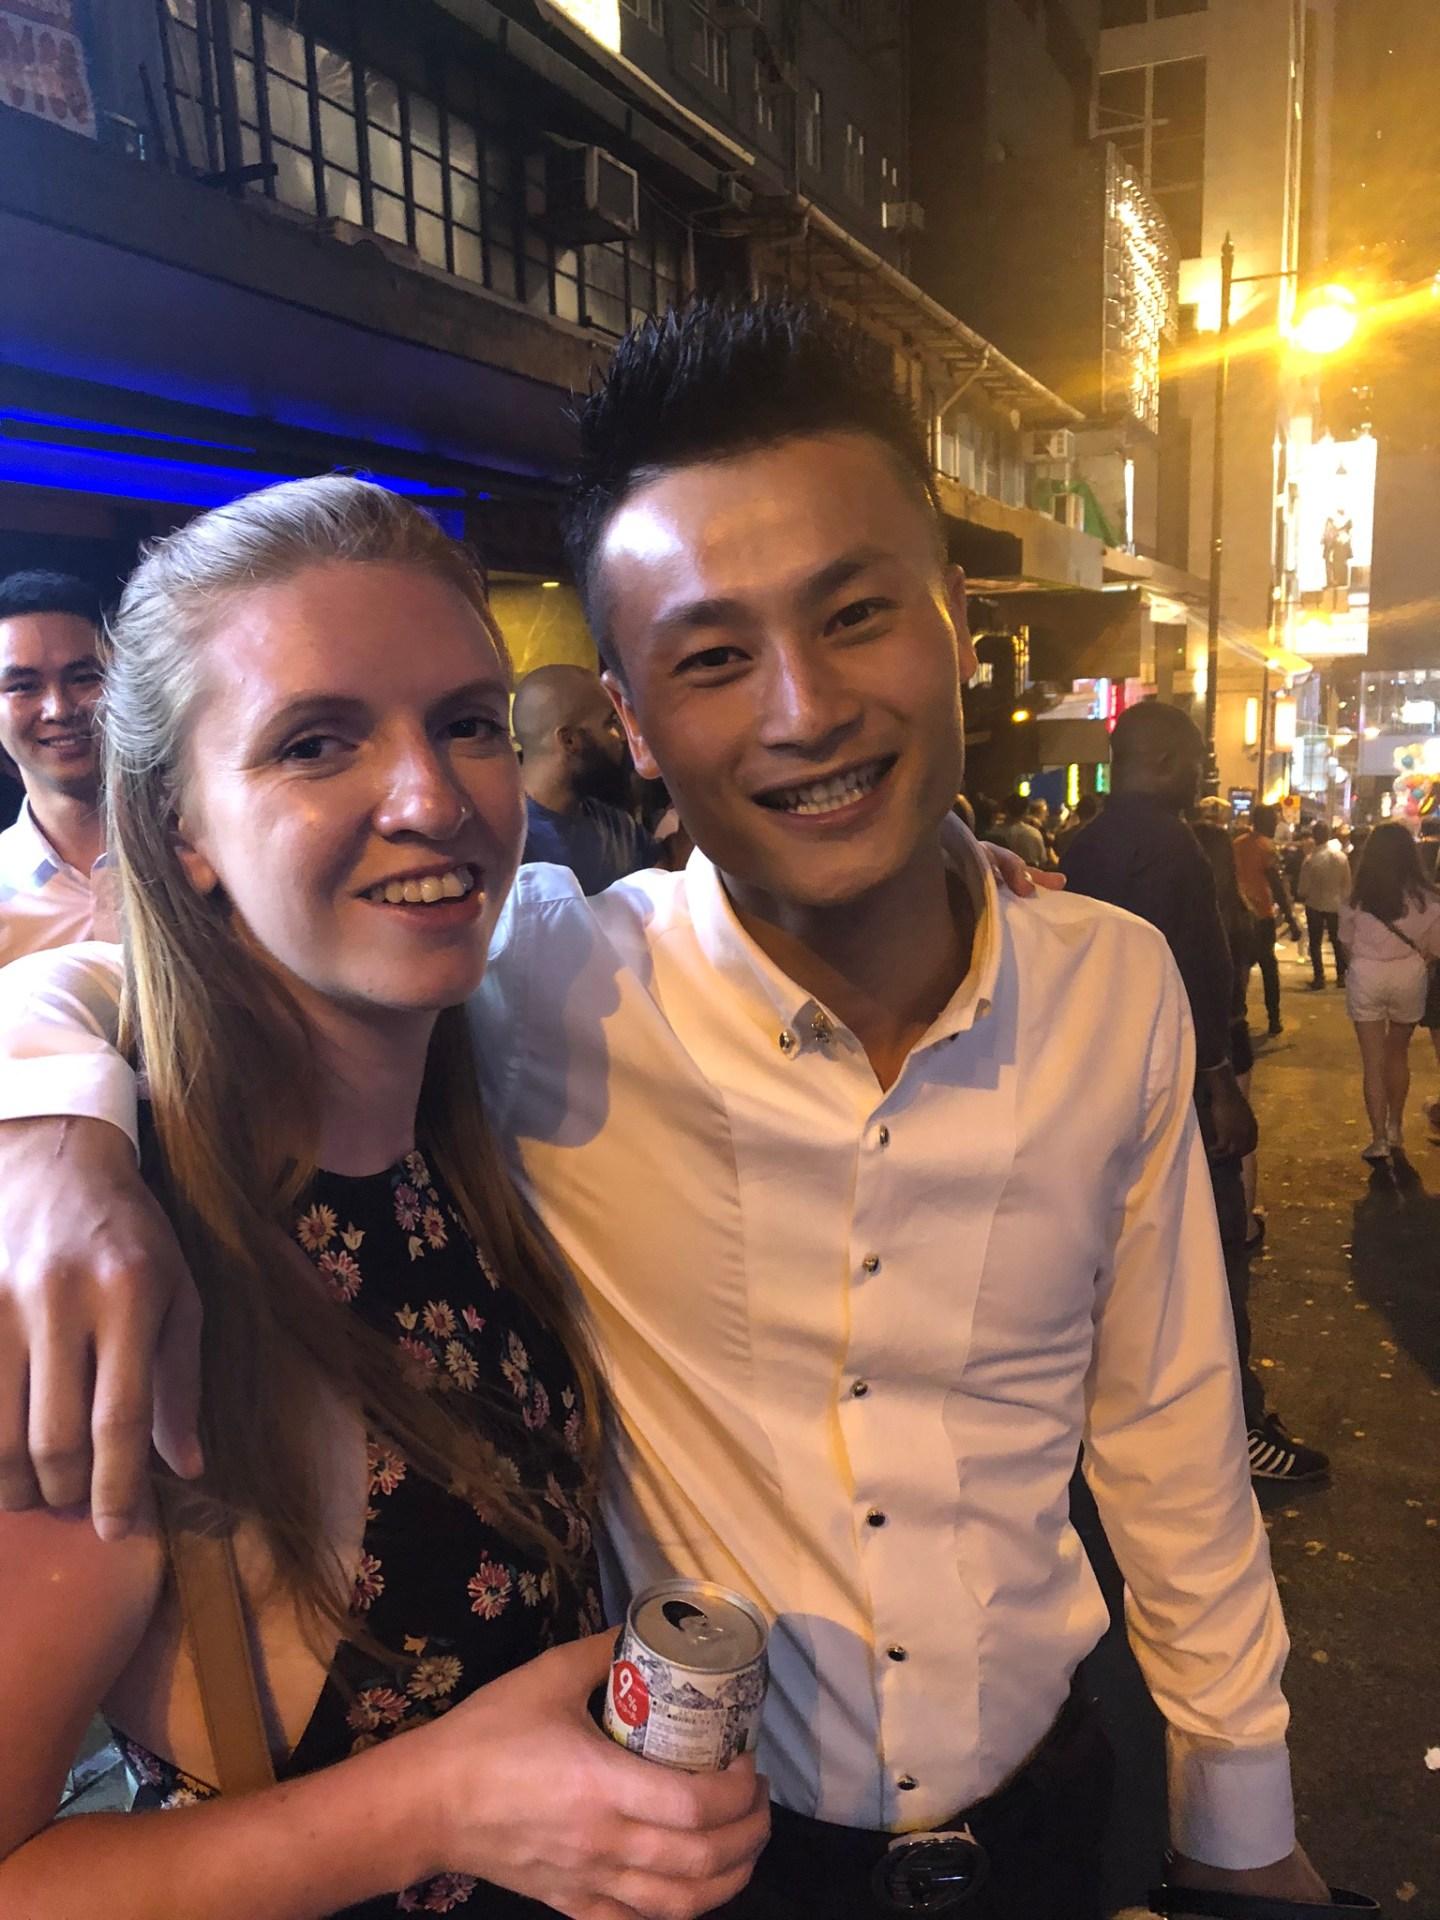 Friends in Lan Kwai Fong, Hong Kong